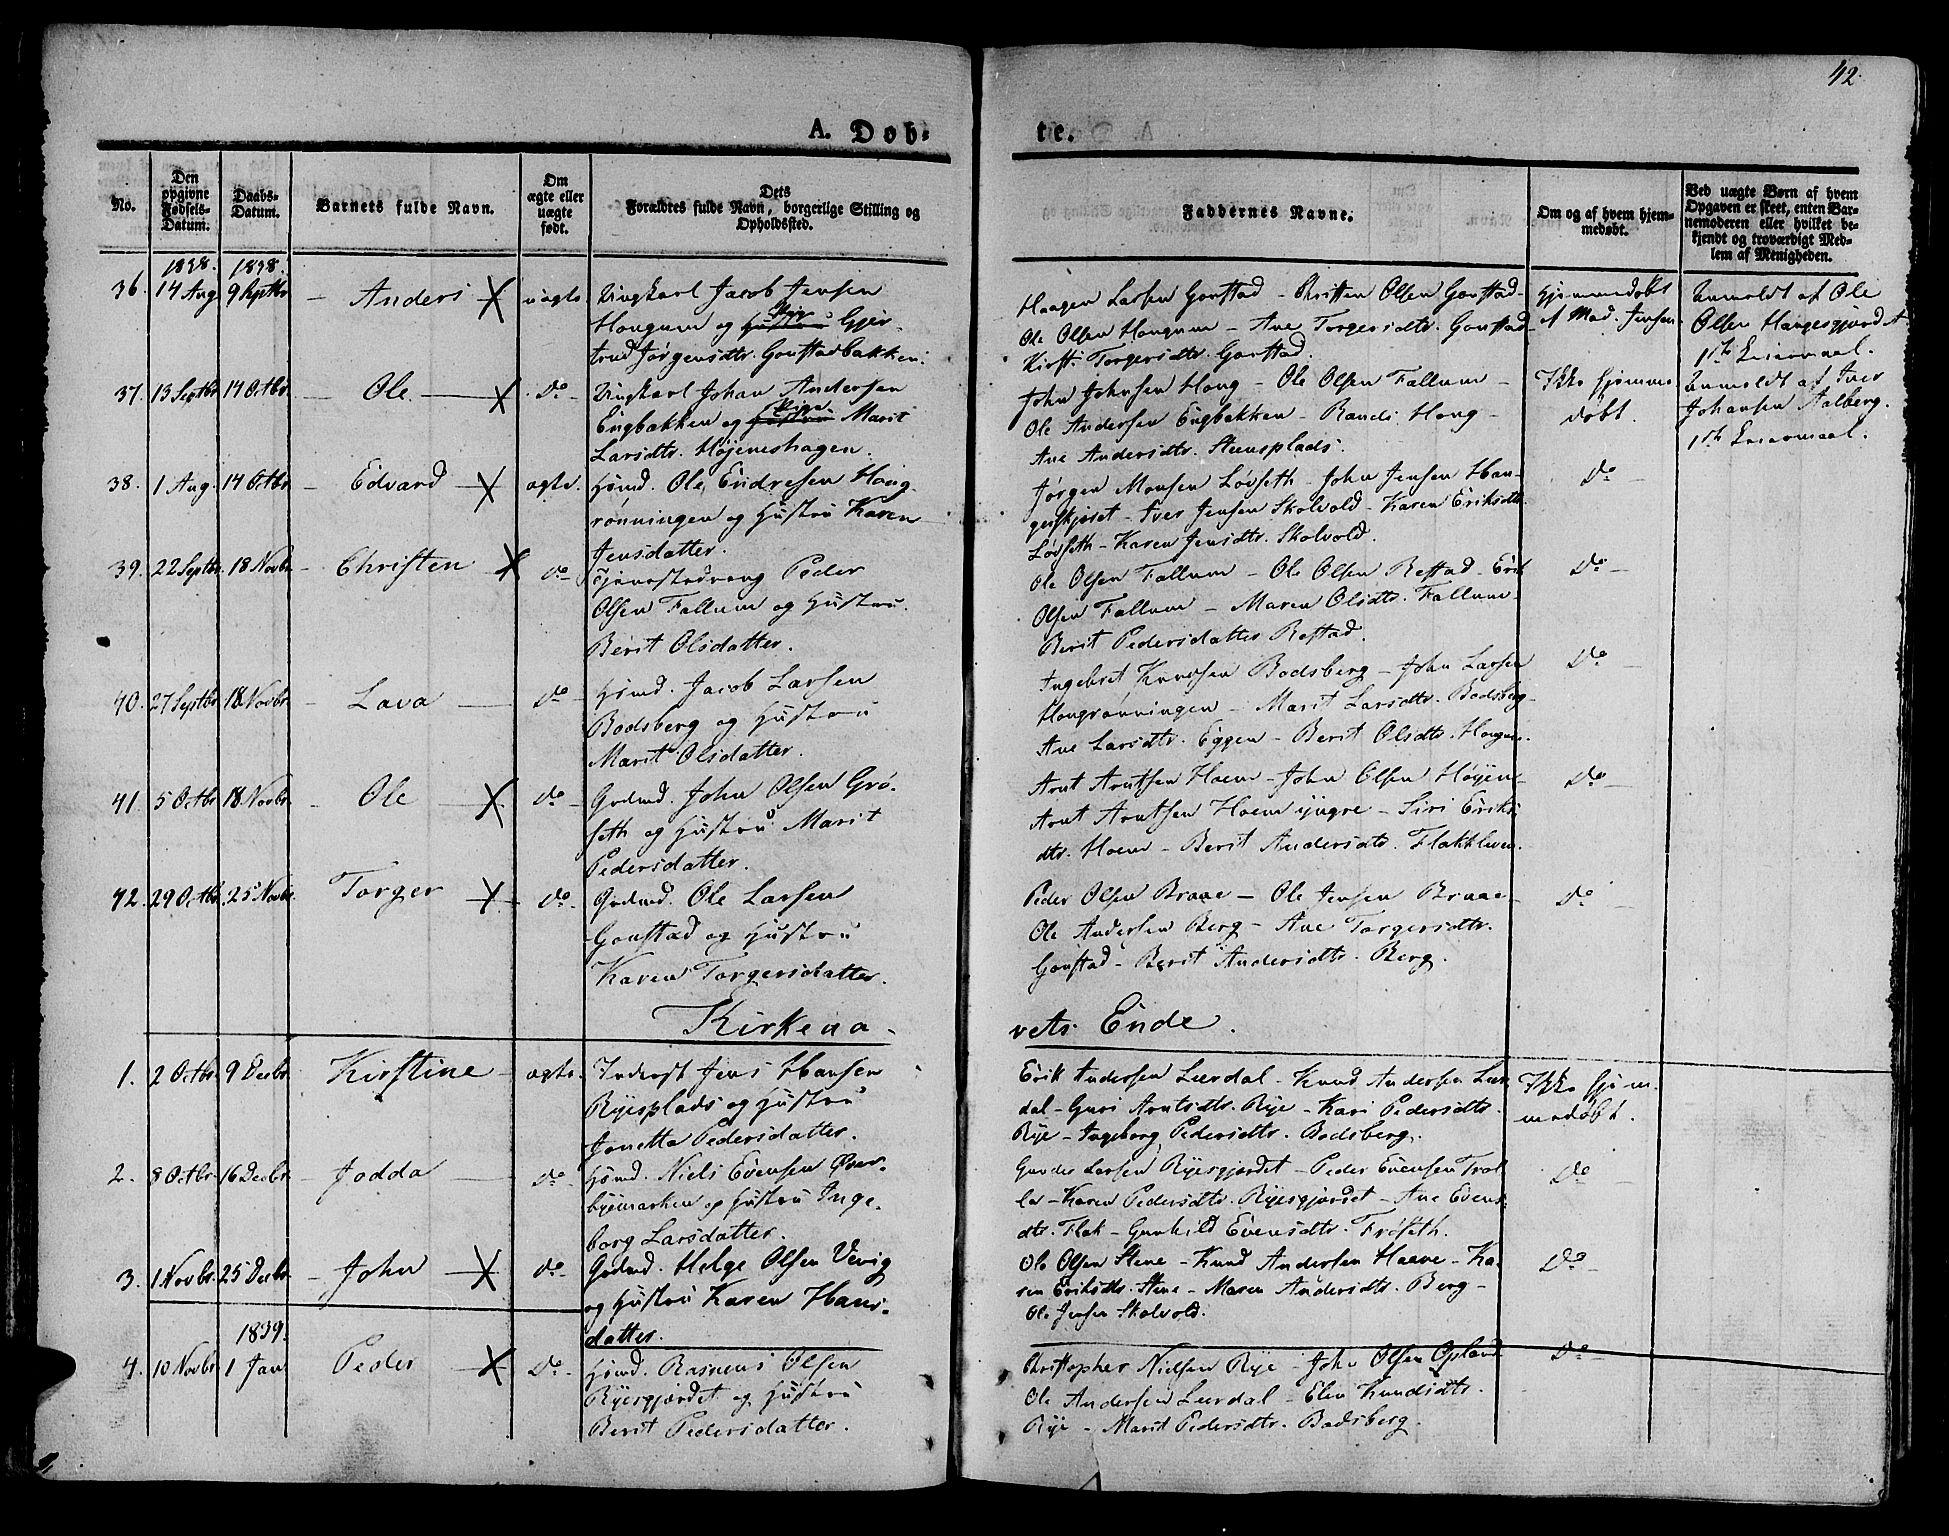 SAT, Ministerialprotokoller, klokkerbøker og fødselsregistre - Sør-Trøndelag, 612/L0374: Ministerialbok nr. 612A07 /1, 1829-1845, s. 42